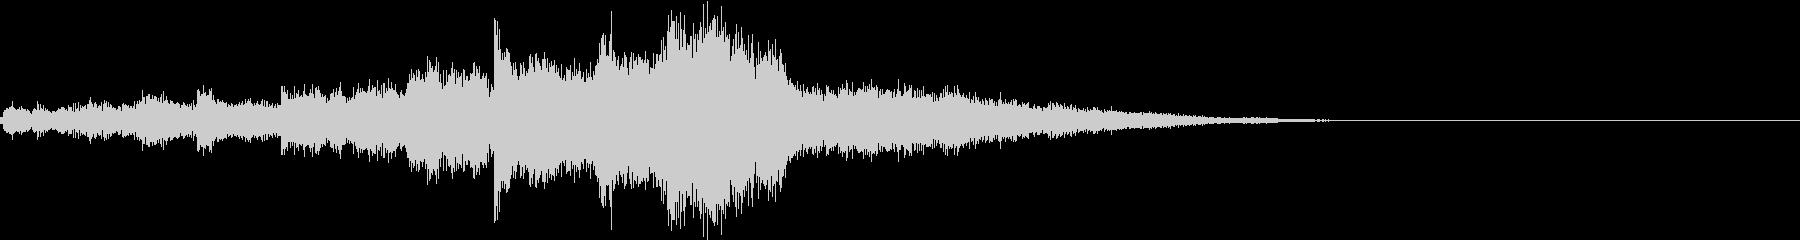 ファンタジーなキラキラ音の未再生の波形